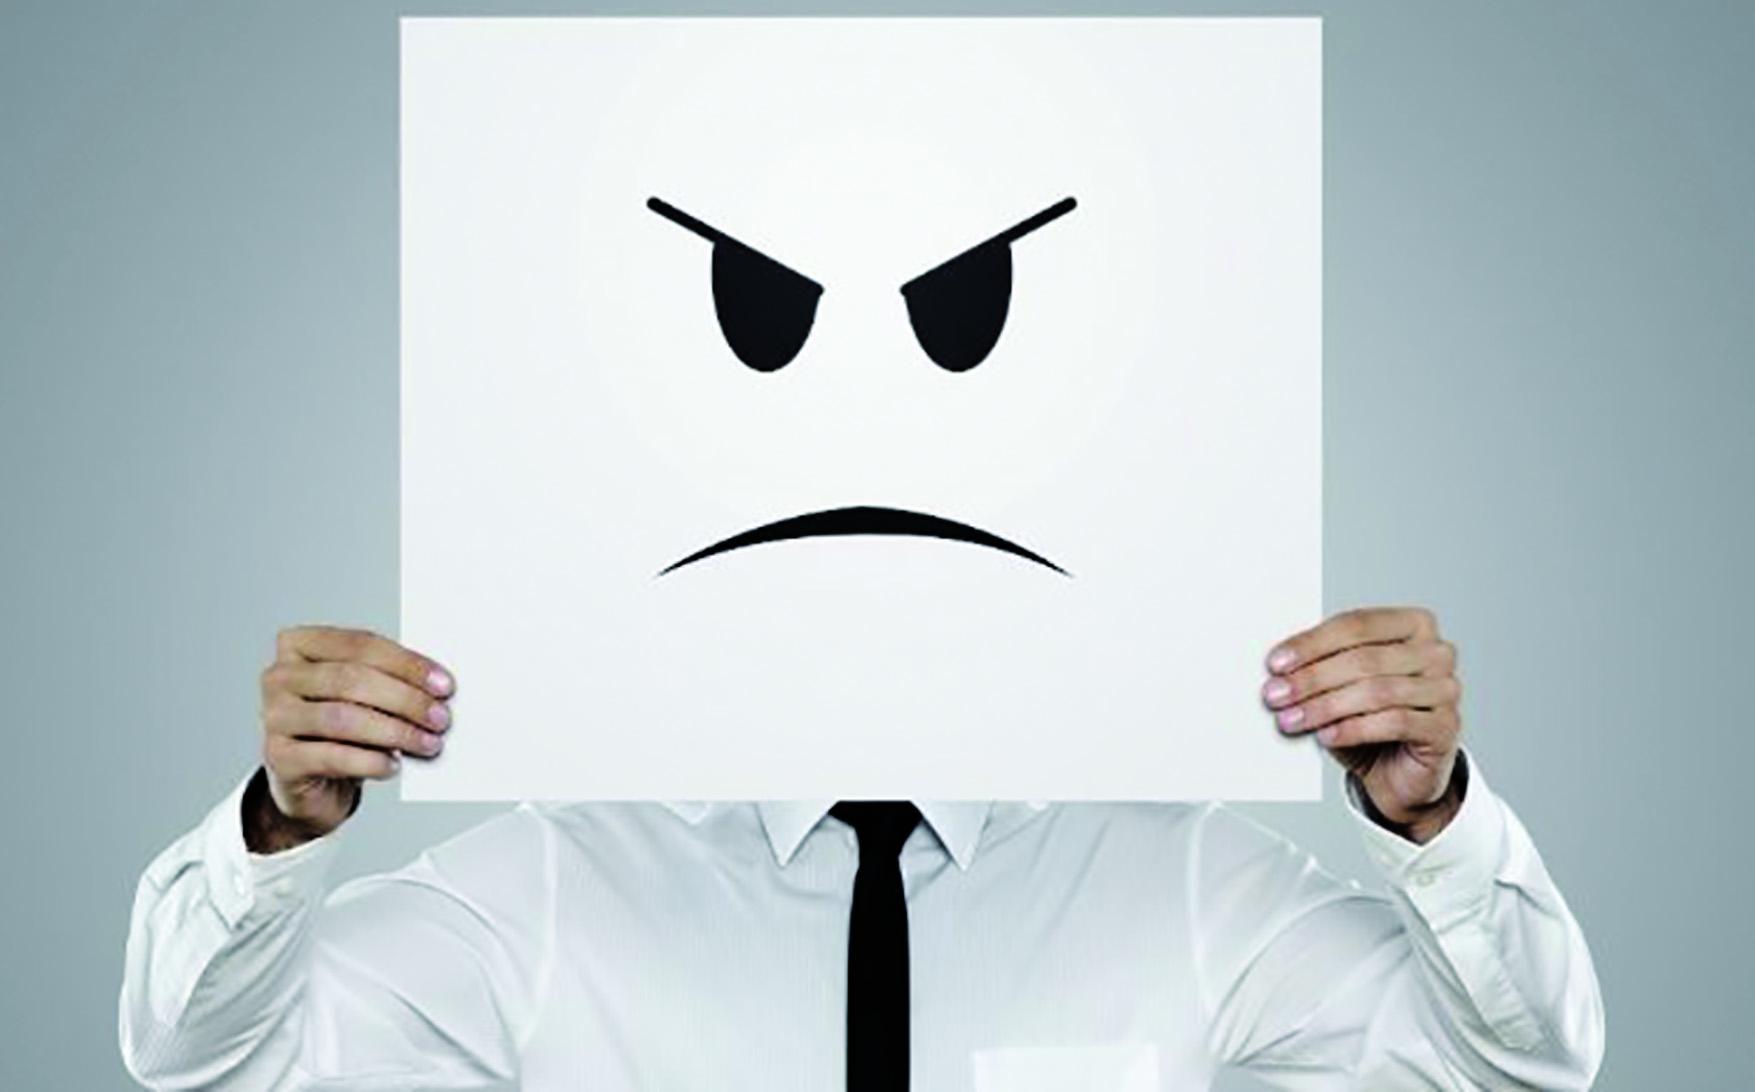 تصویر از کنترل یا مدیریت خشم